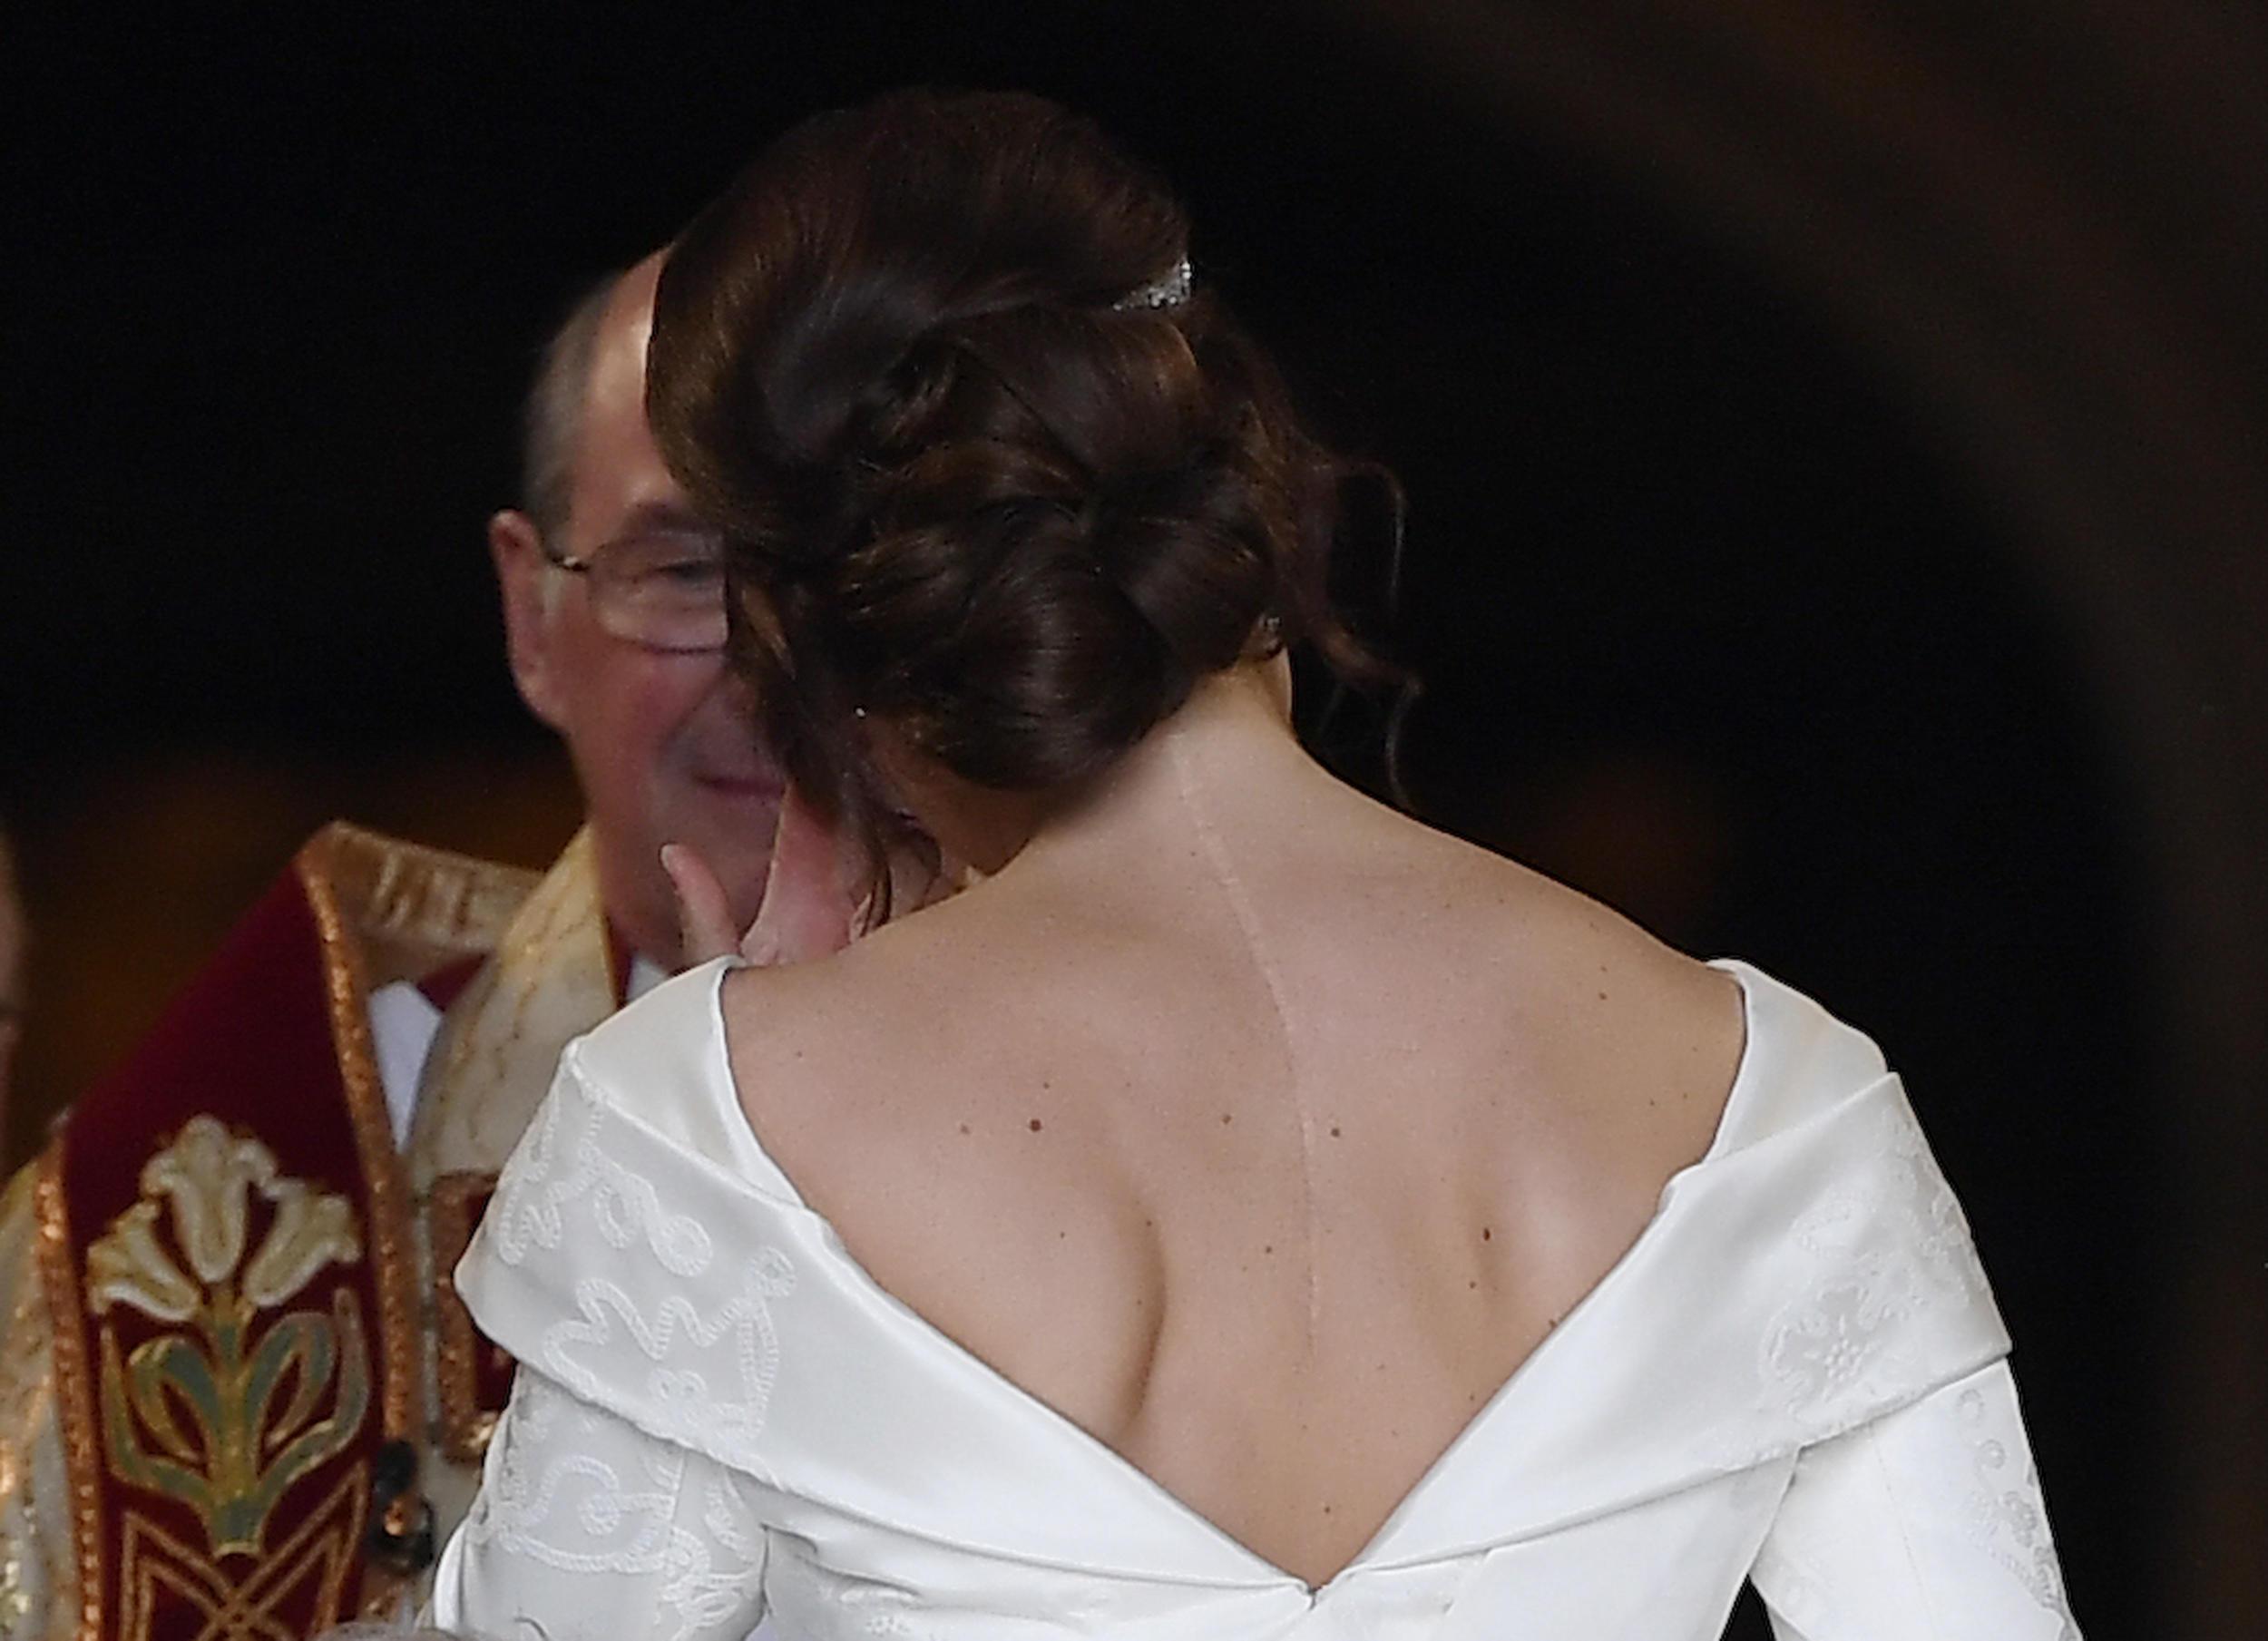 b3595564cca35 Princess Eugenie: 'I wanted my wedding dress to show my scar' - CBS News